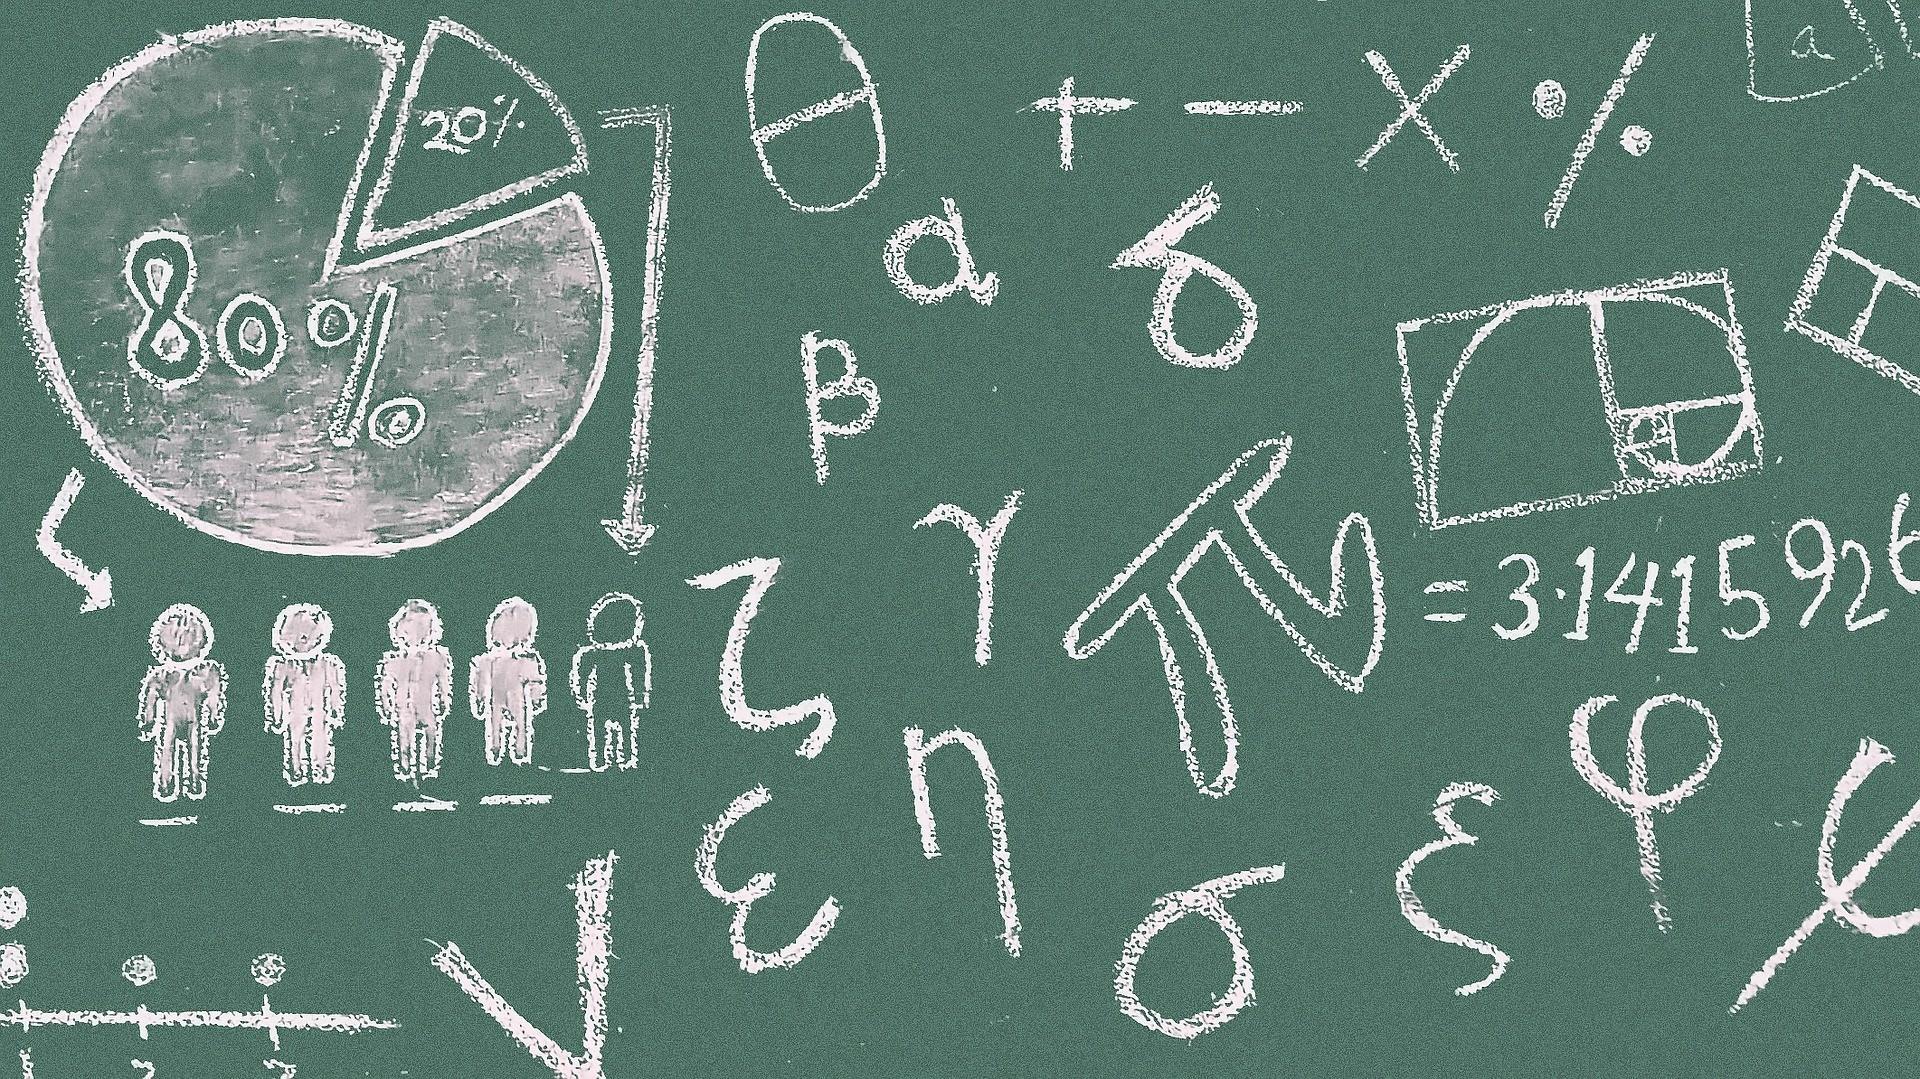 Distúrbio de aprendizagem afeta a habilidade de aprender Matemática (Foto: Pixabay)